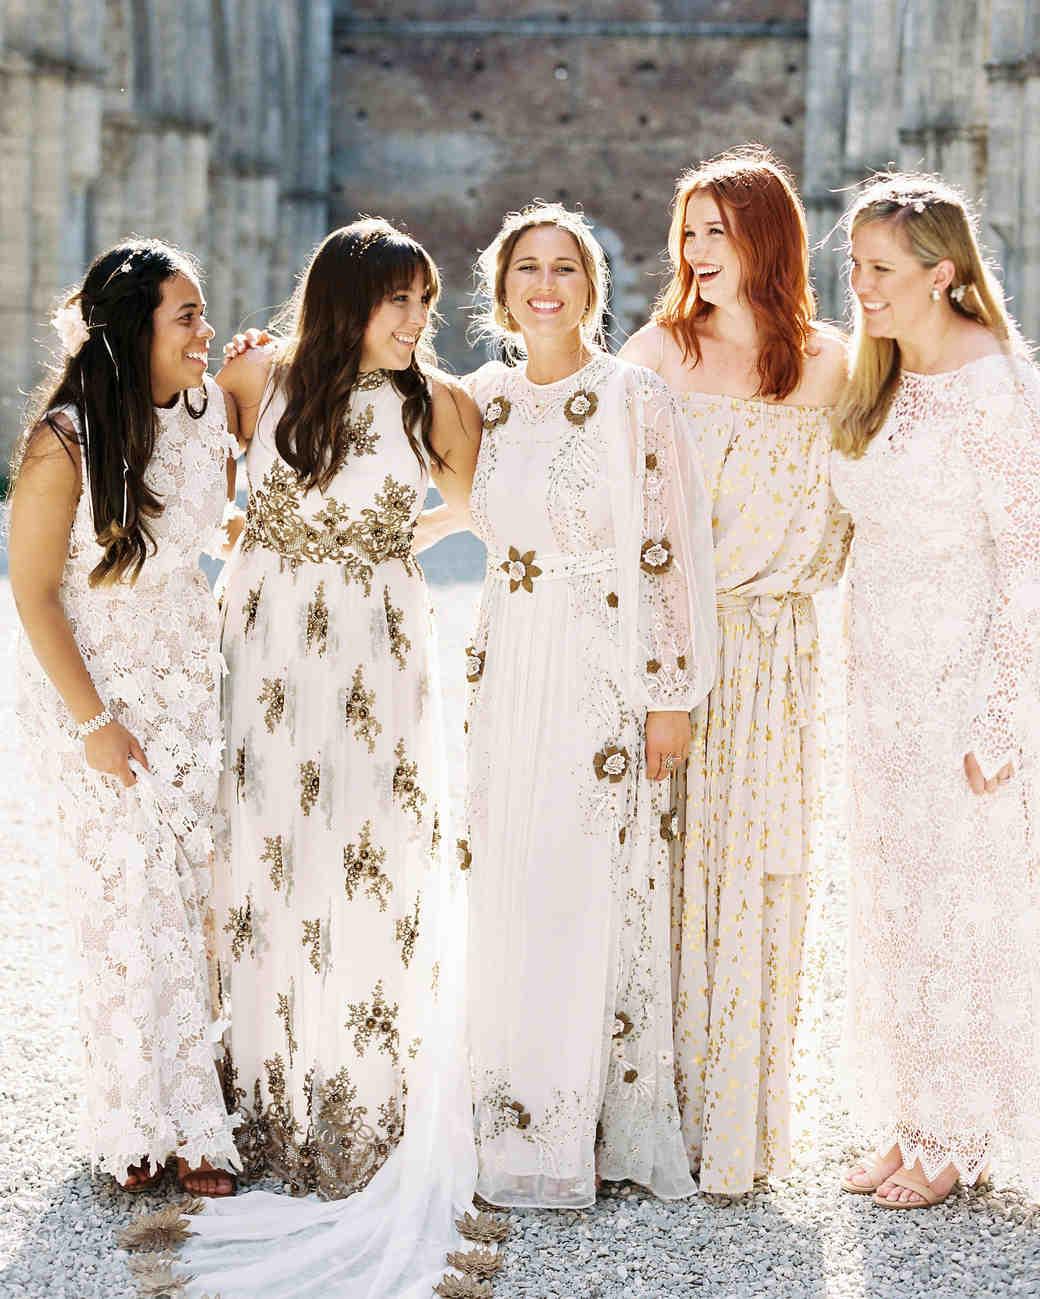 alexis zach wedding italy bridesmaids close-up